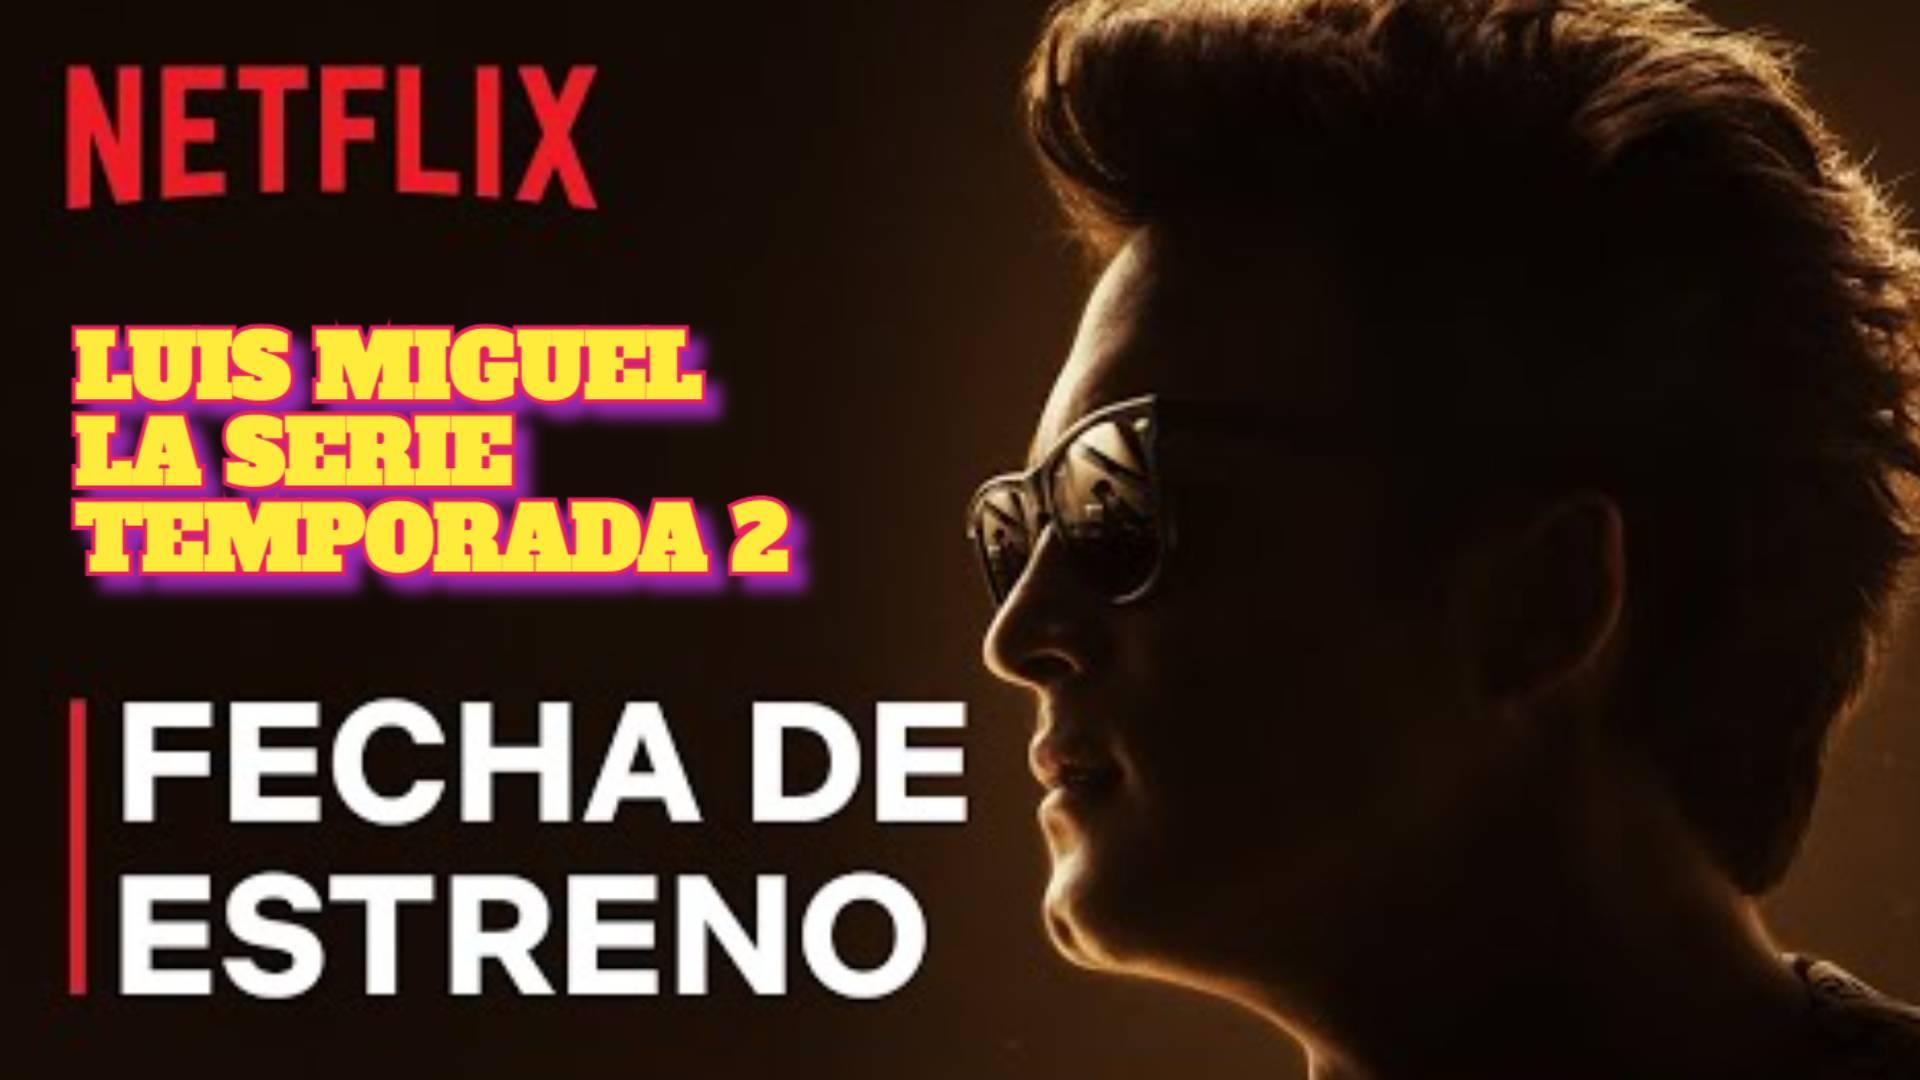 Luis Miguel: La Serie temporada 2 FECHA DE ESTRENO